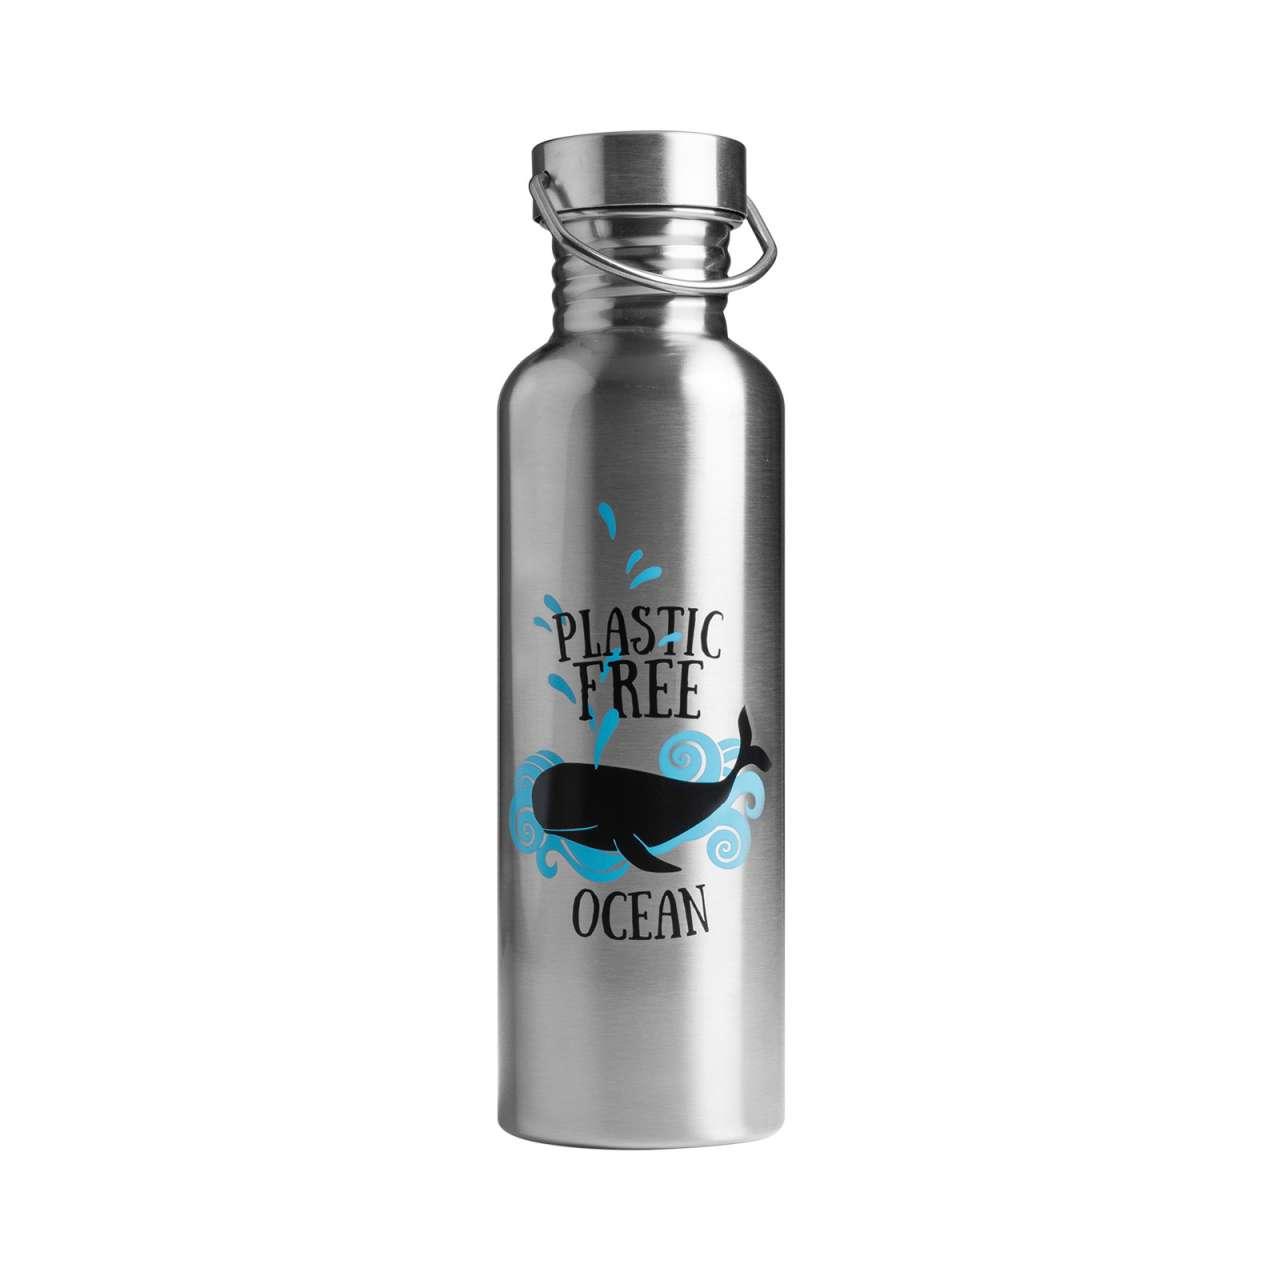 Edelstahl Wasserflasche & Trinkflasche zum Mitnehmen - plastikfrei